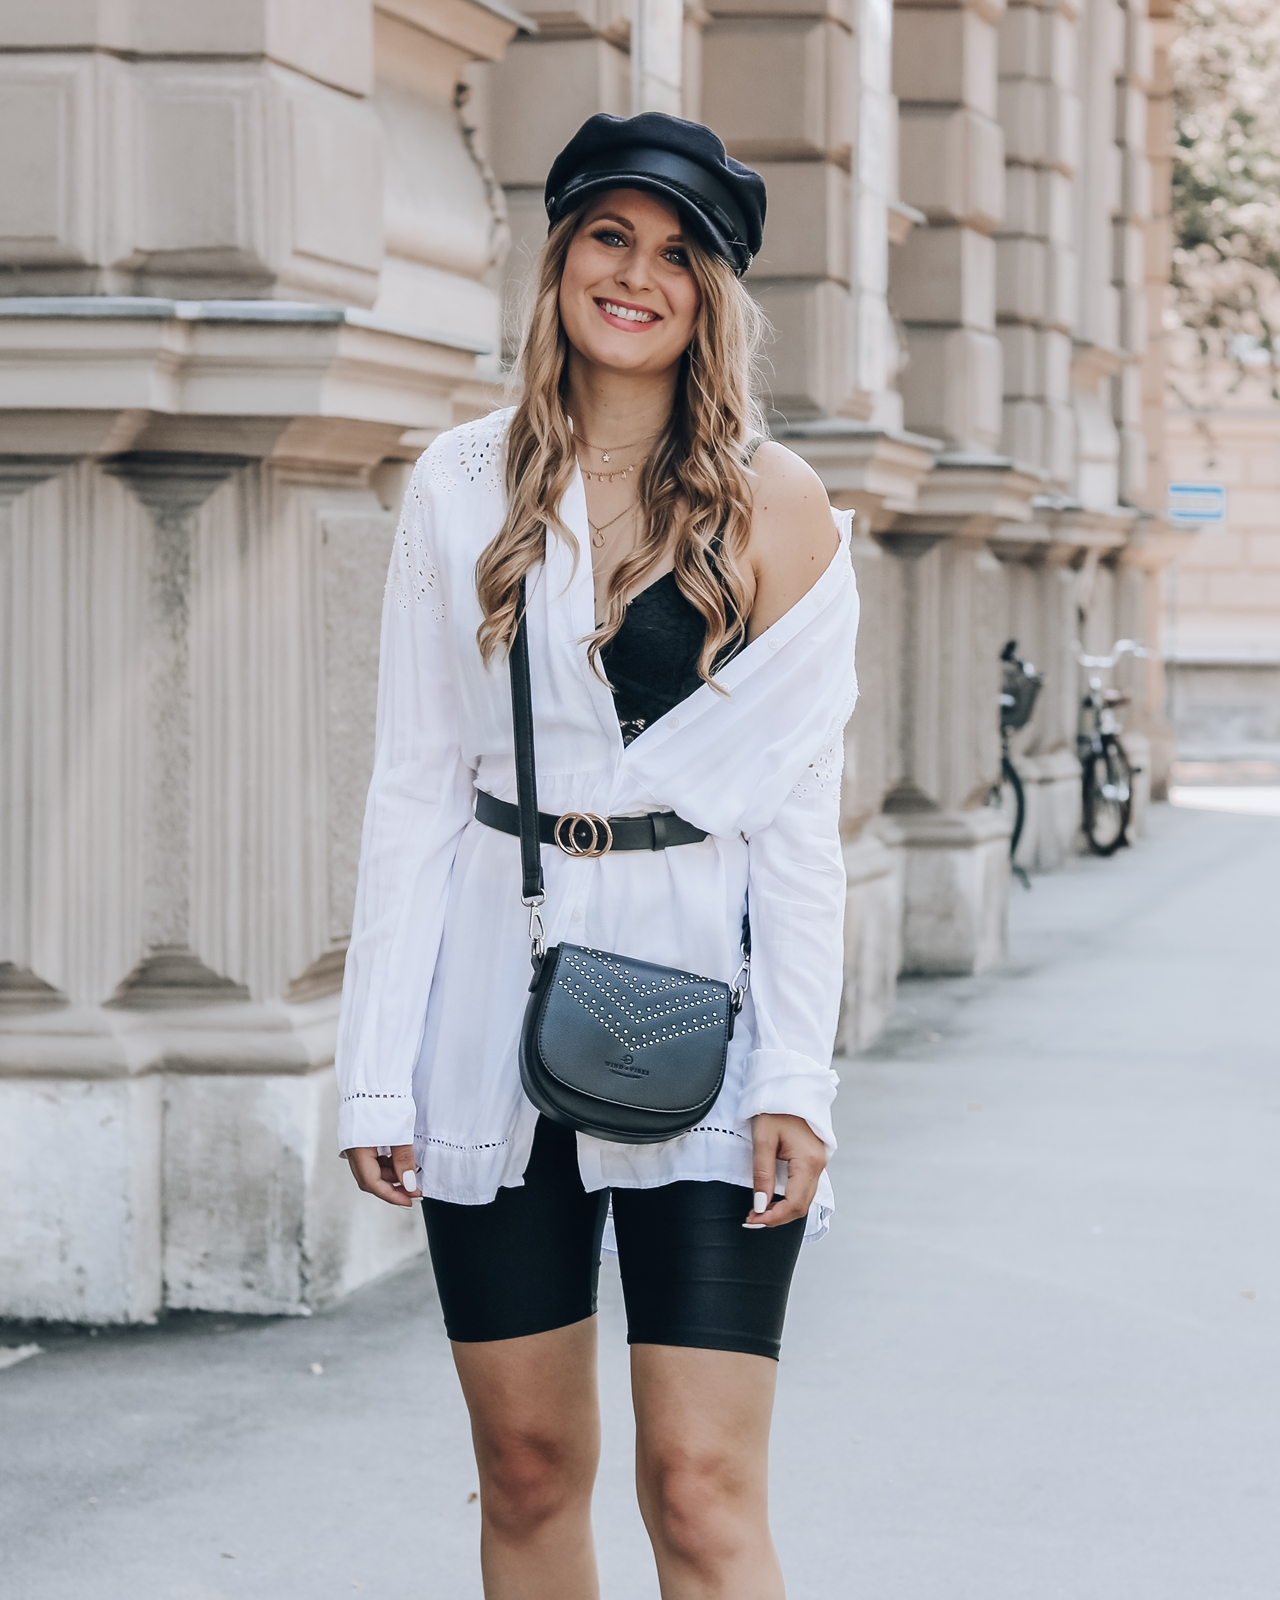 Die Radlerhose - so stylst du dieses Trendteil - Radlerhose kombinieren - Outfits mit Radlerhosen - Modetipps Radlerhose - so kombinierst du die Radlerhose für jeden Anlass - Fashionladyloves by Tamara Wagner - Modeblog aus Österreich